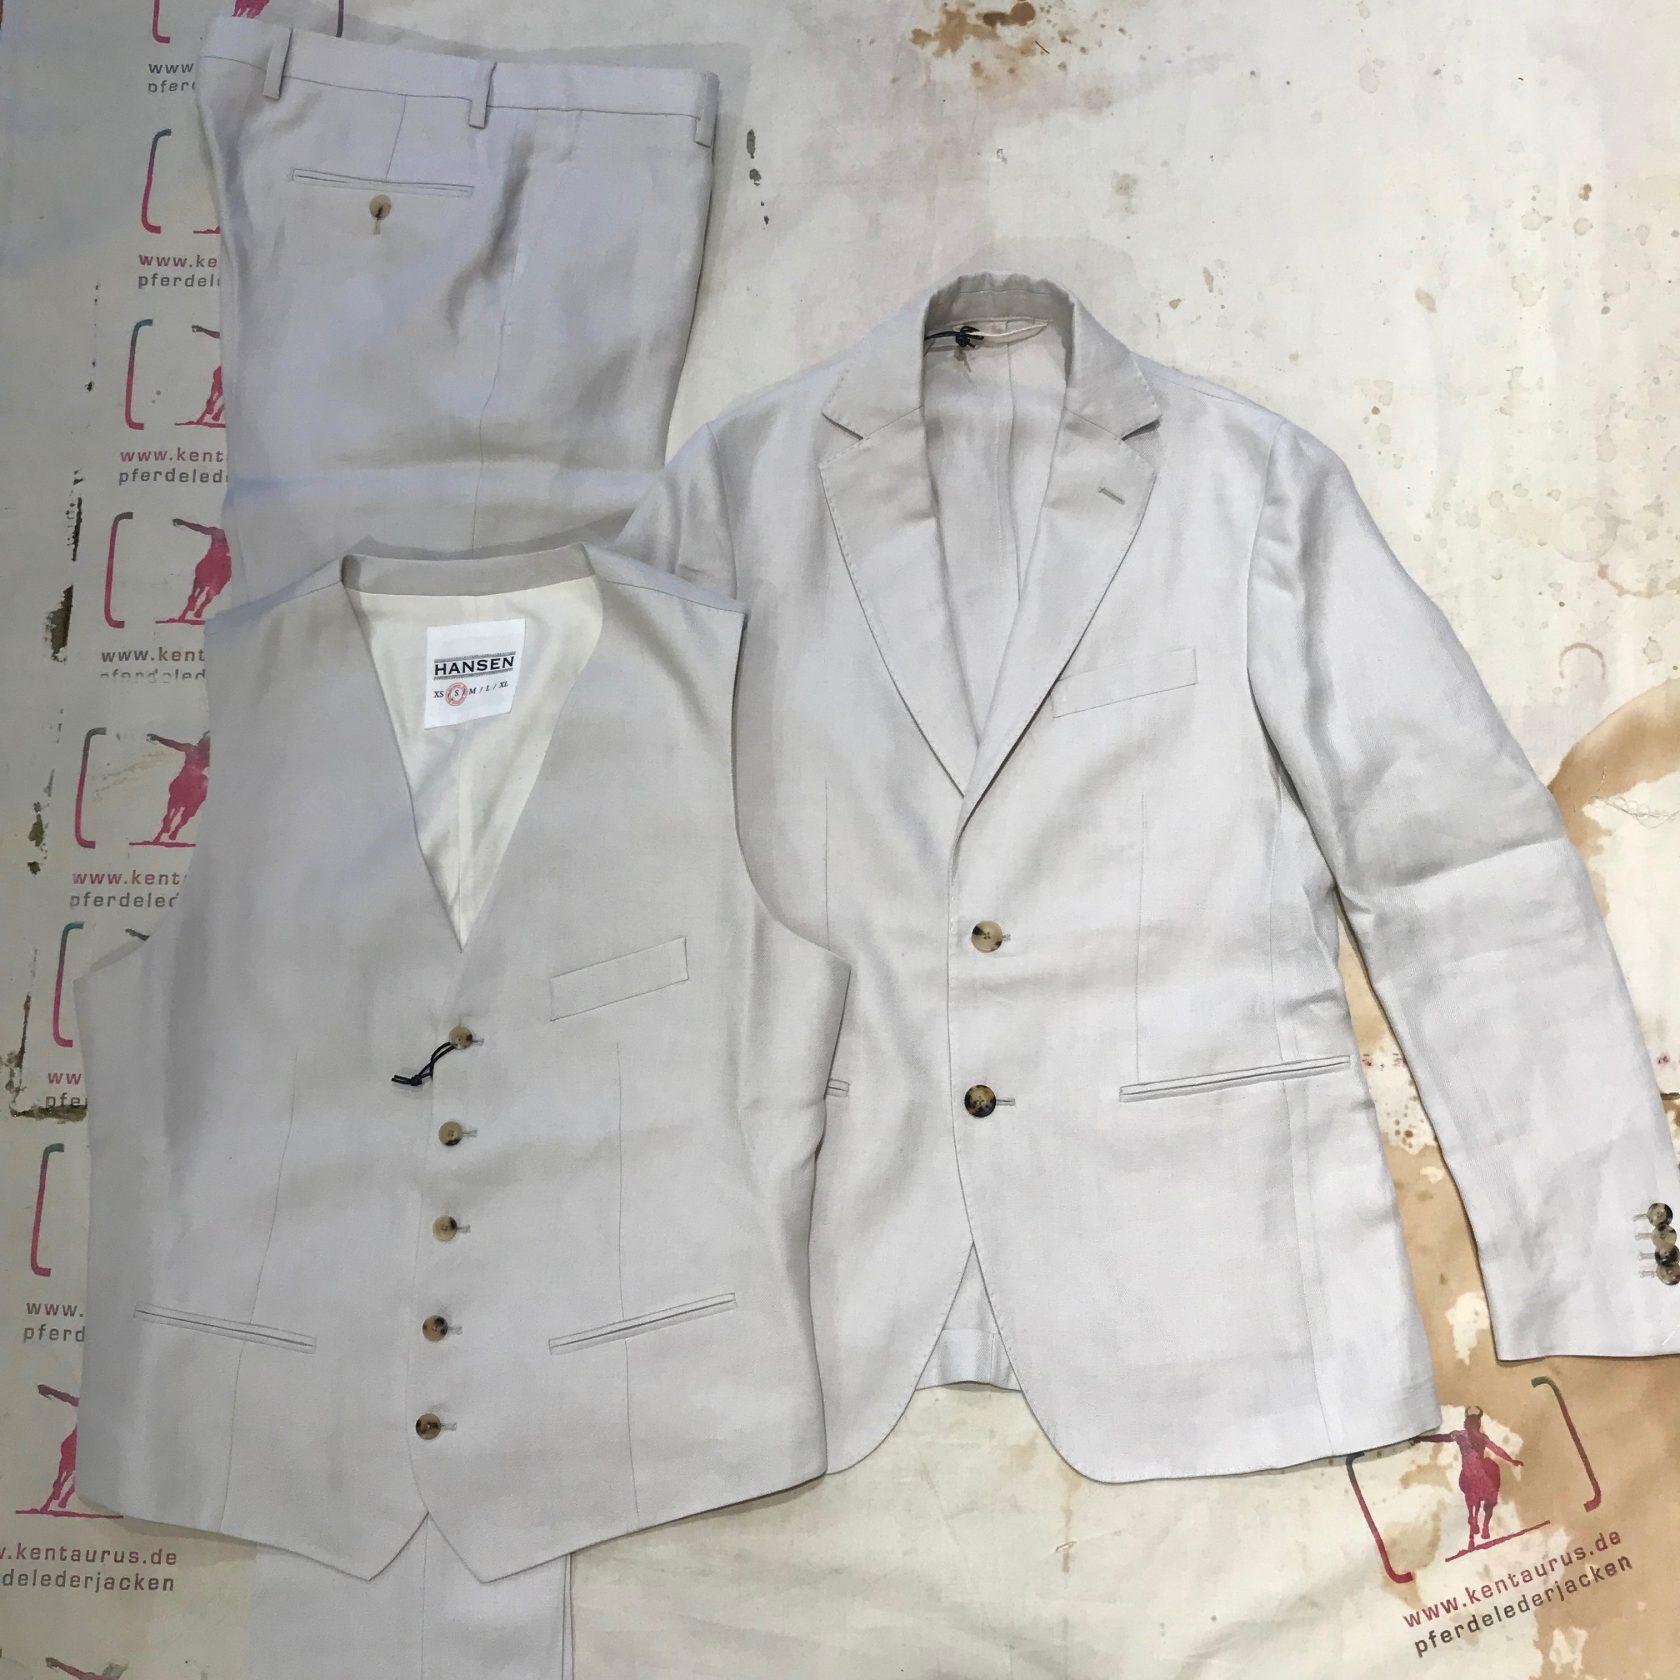 Hansen 3 piece formal suit ecru/white